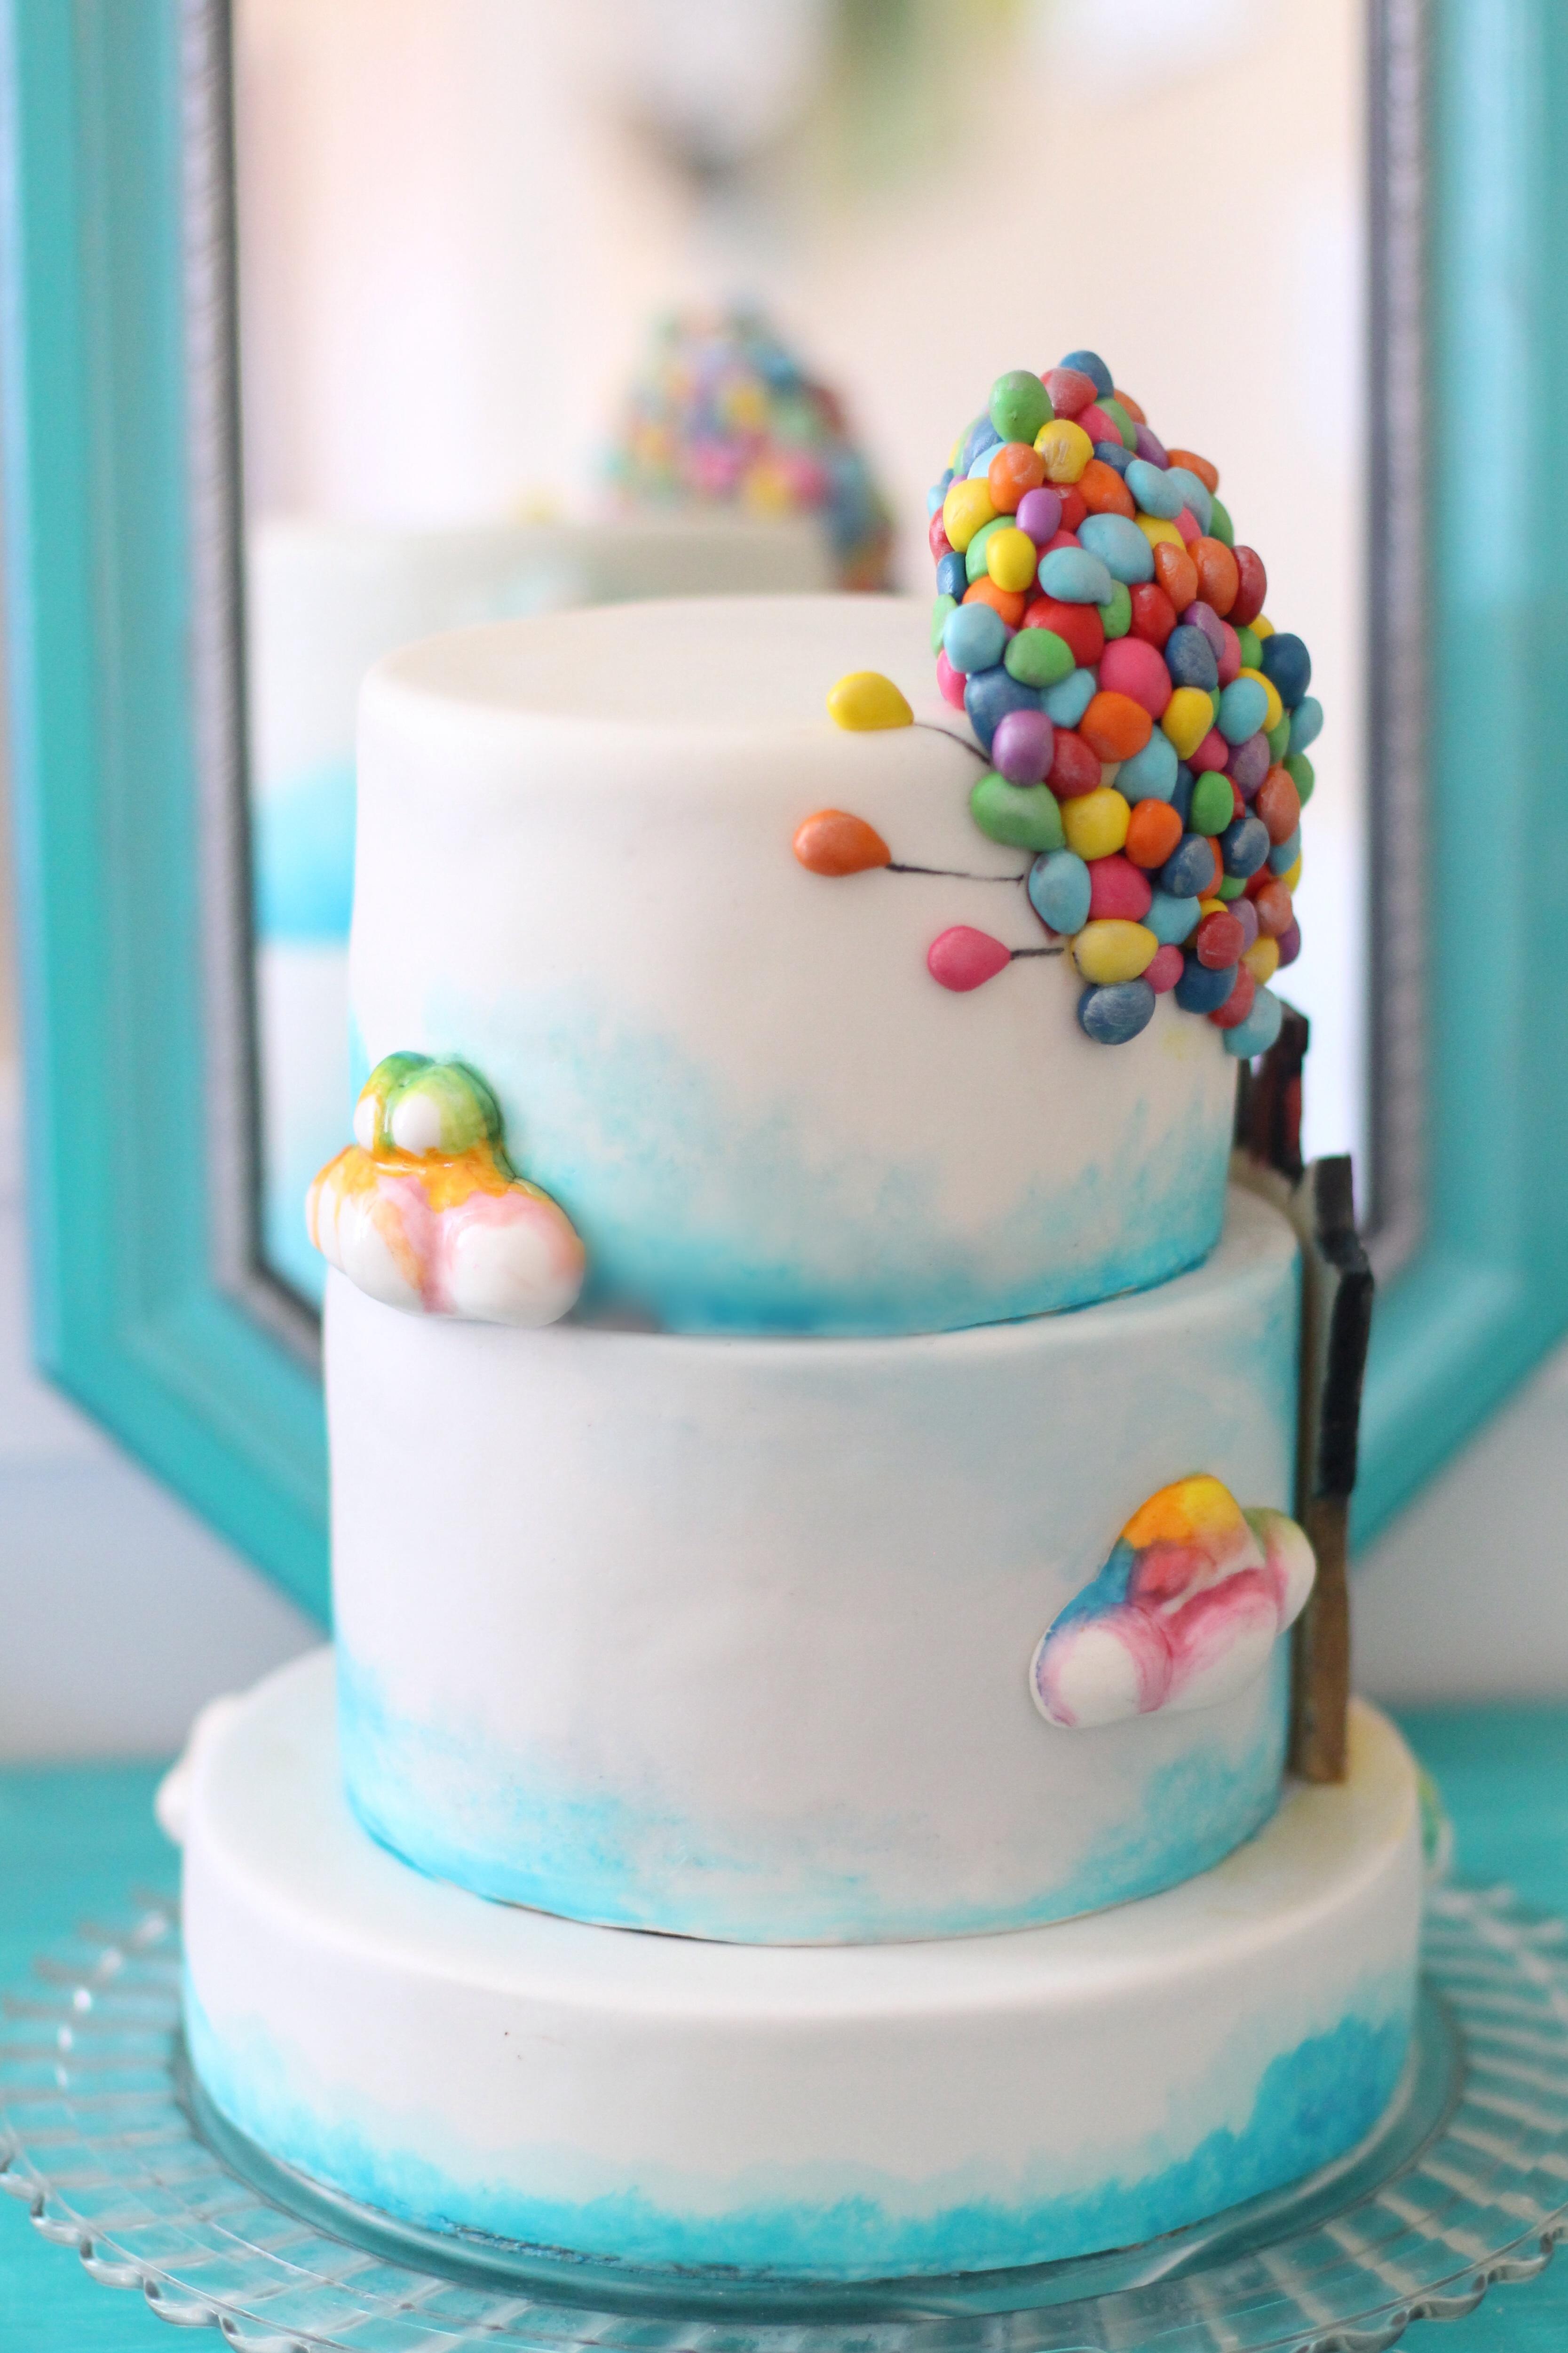 Up Themed Cake A Billion Tiny Hand Made Fondant Balloons Hand ...